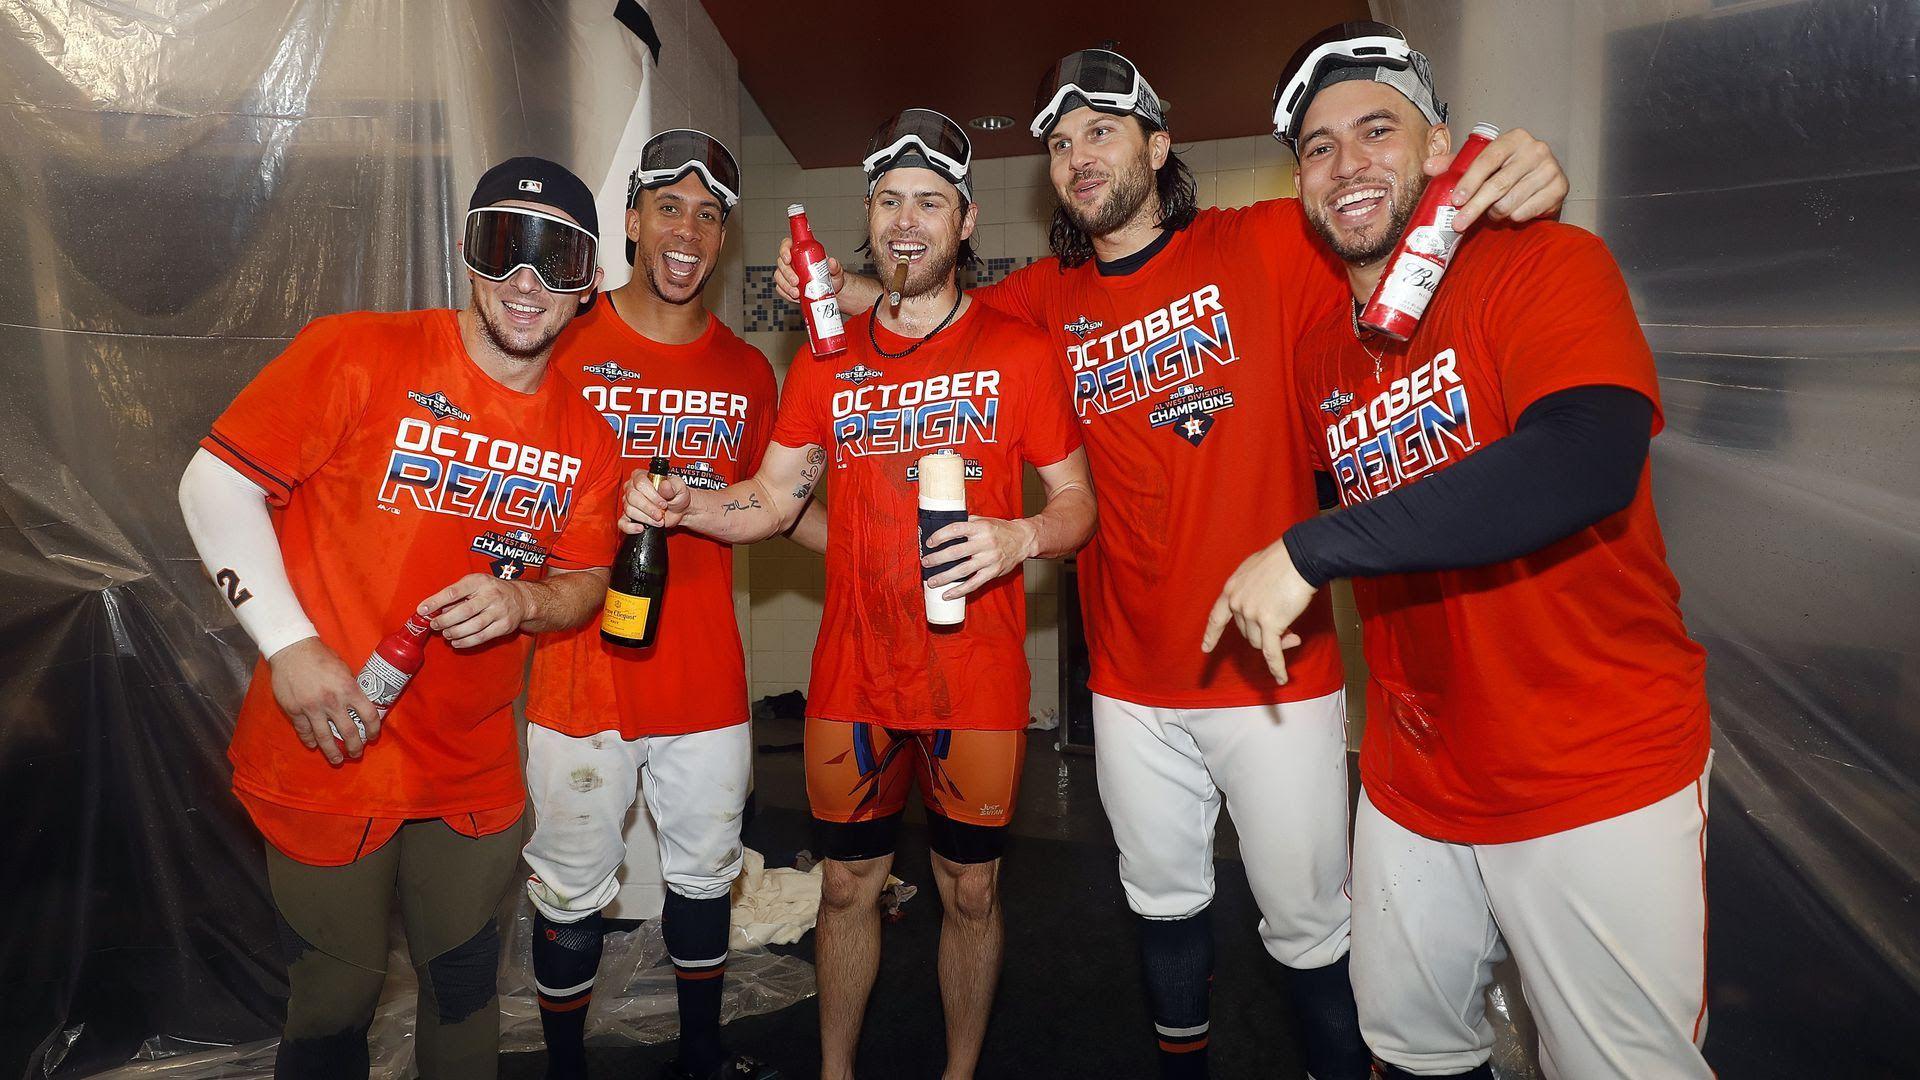 Baseball players popping bottles